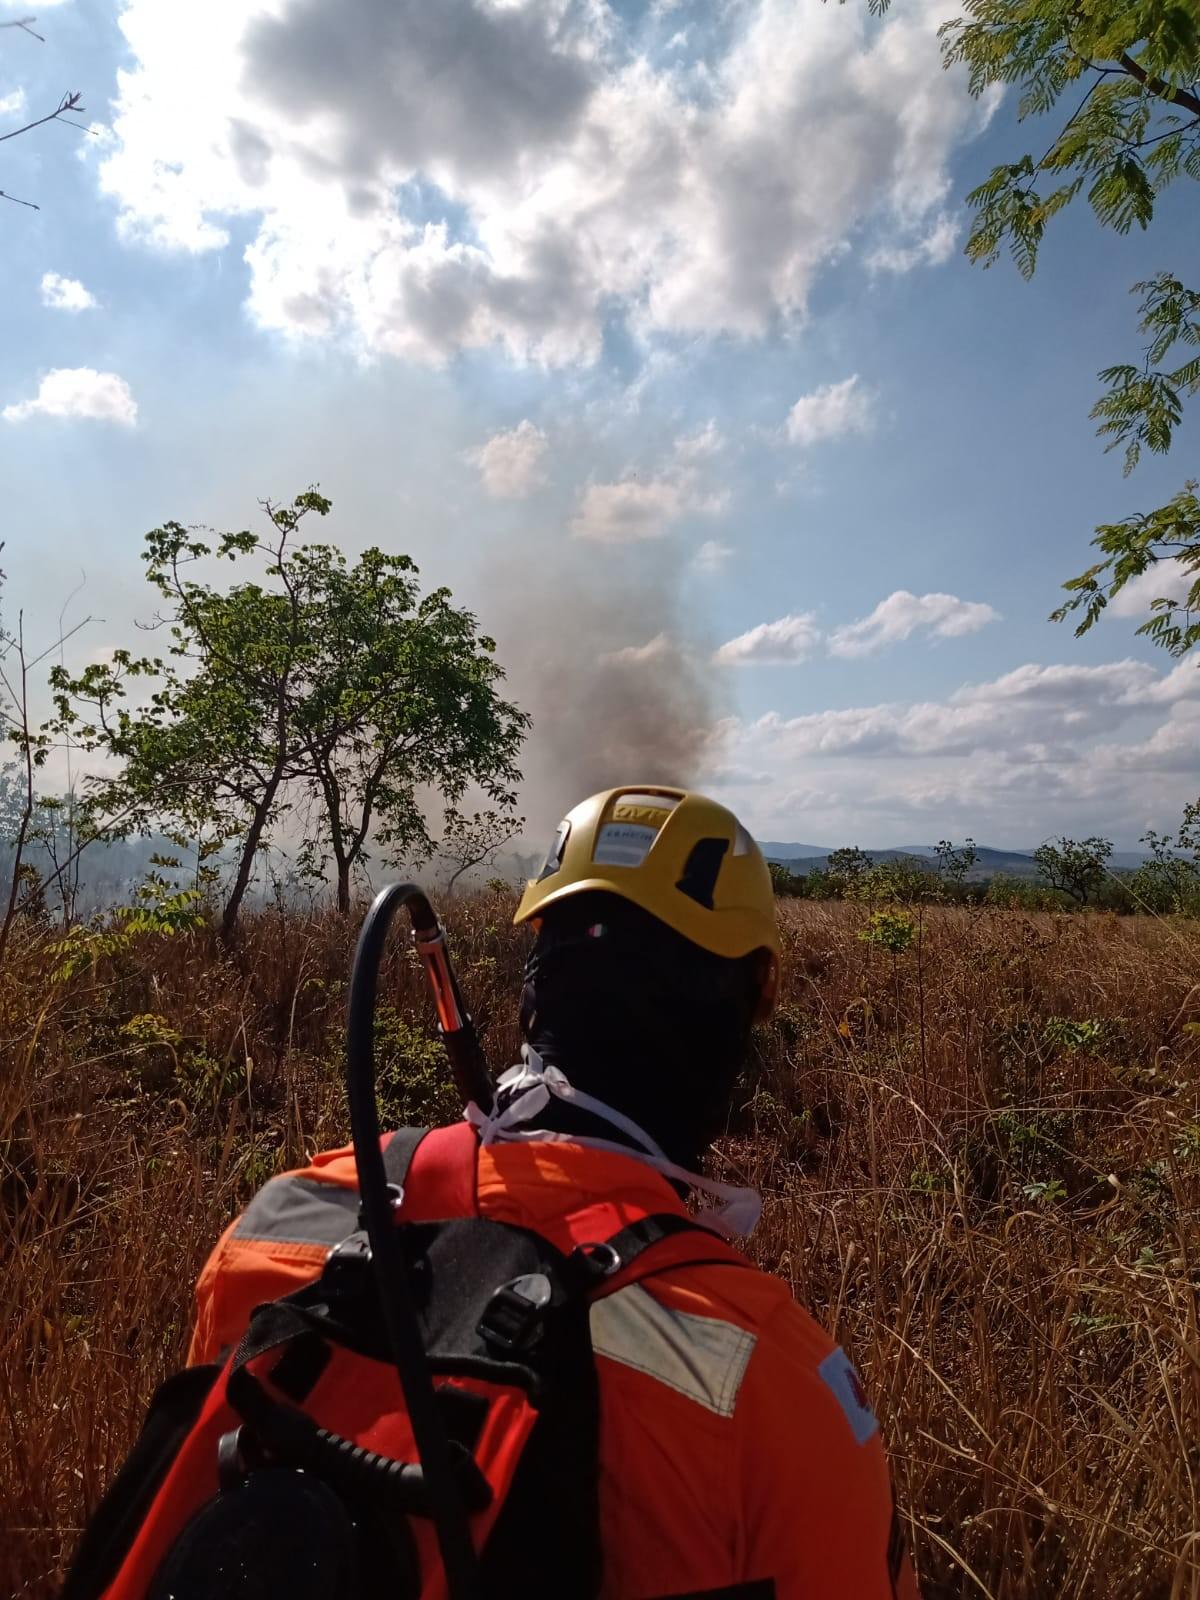 Bombeiros combatem incêndio em área de vegetação em Bocaiuva; chamas podem ter sido provocadas por fogos de artifício